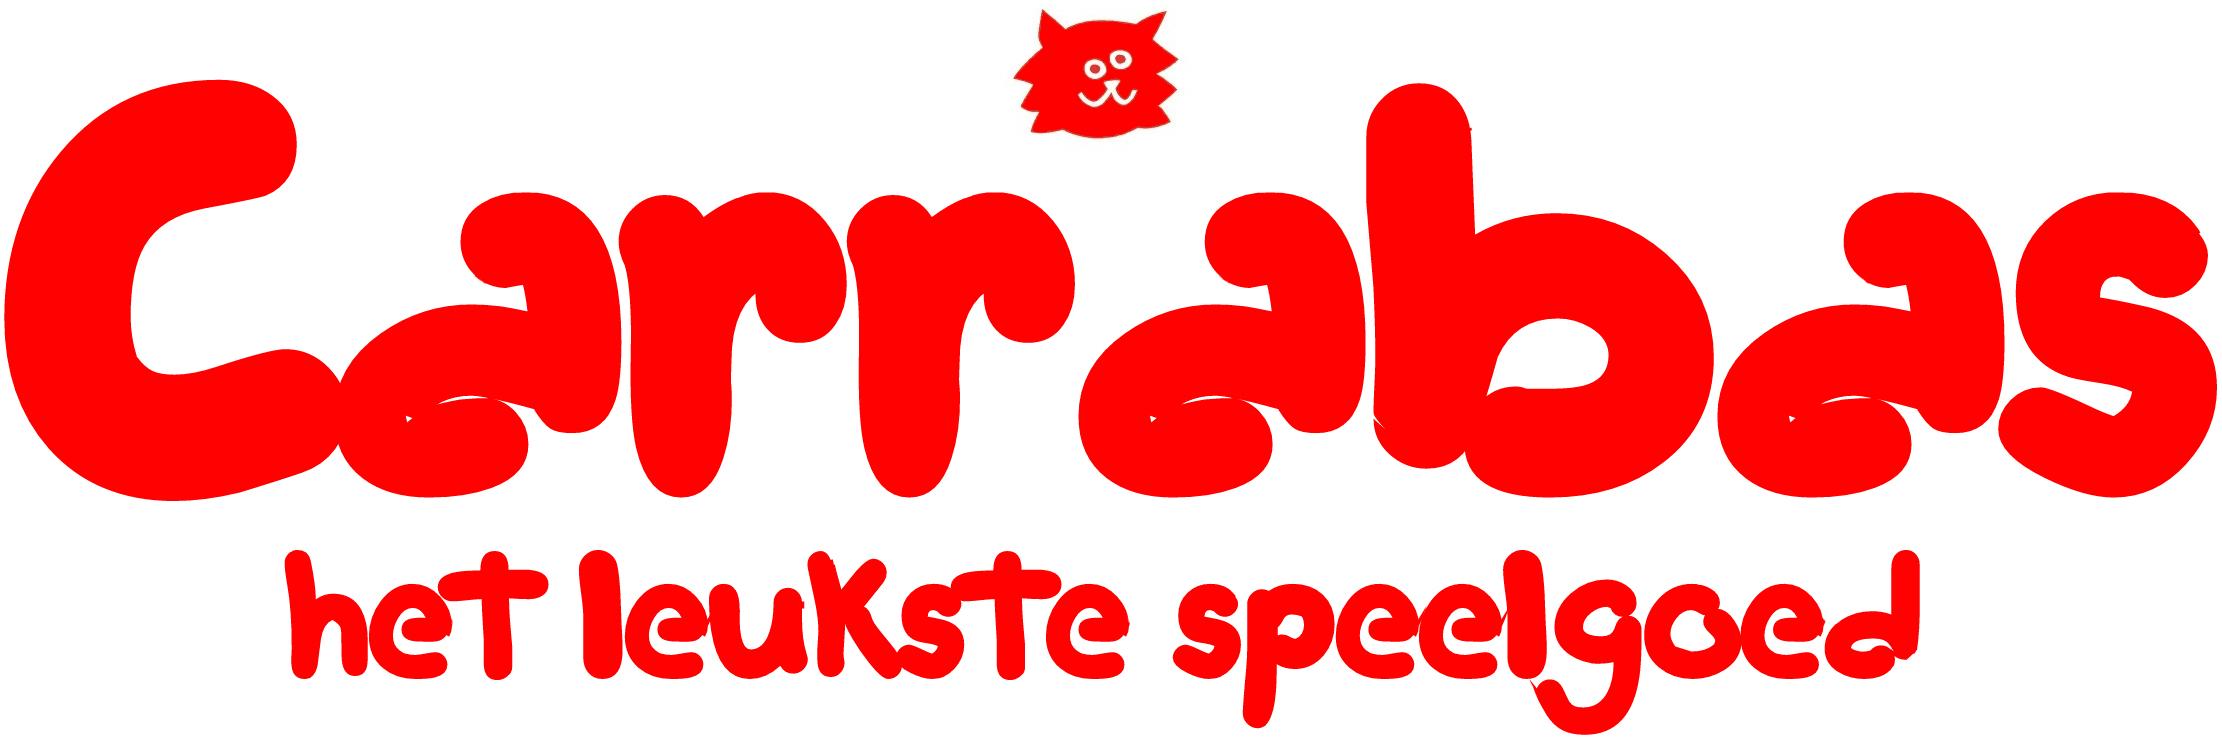 Carrabas speelgoed: dé speelgoed speciaalzaak van Rotterdam